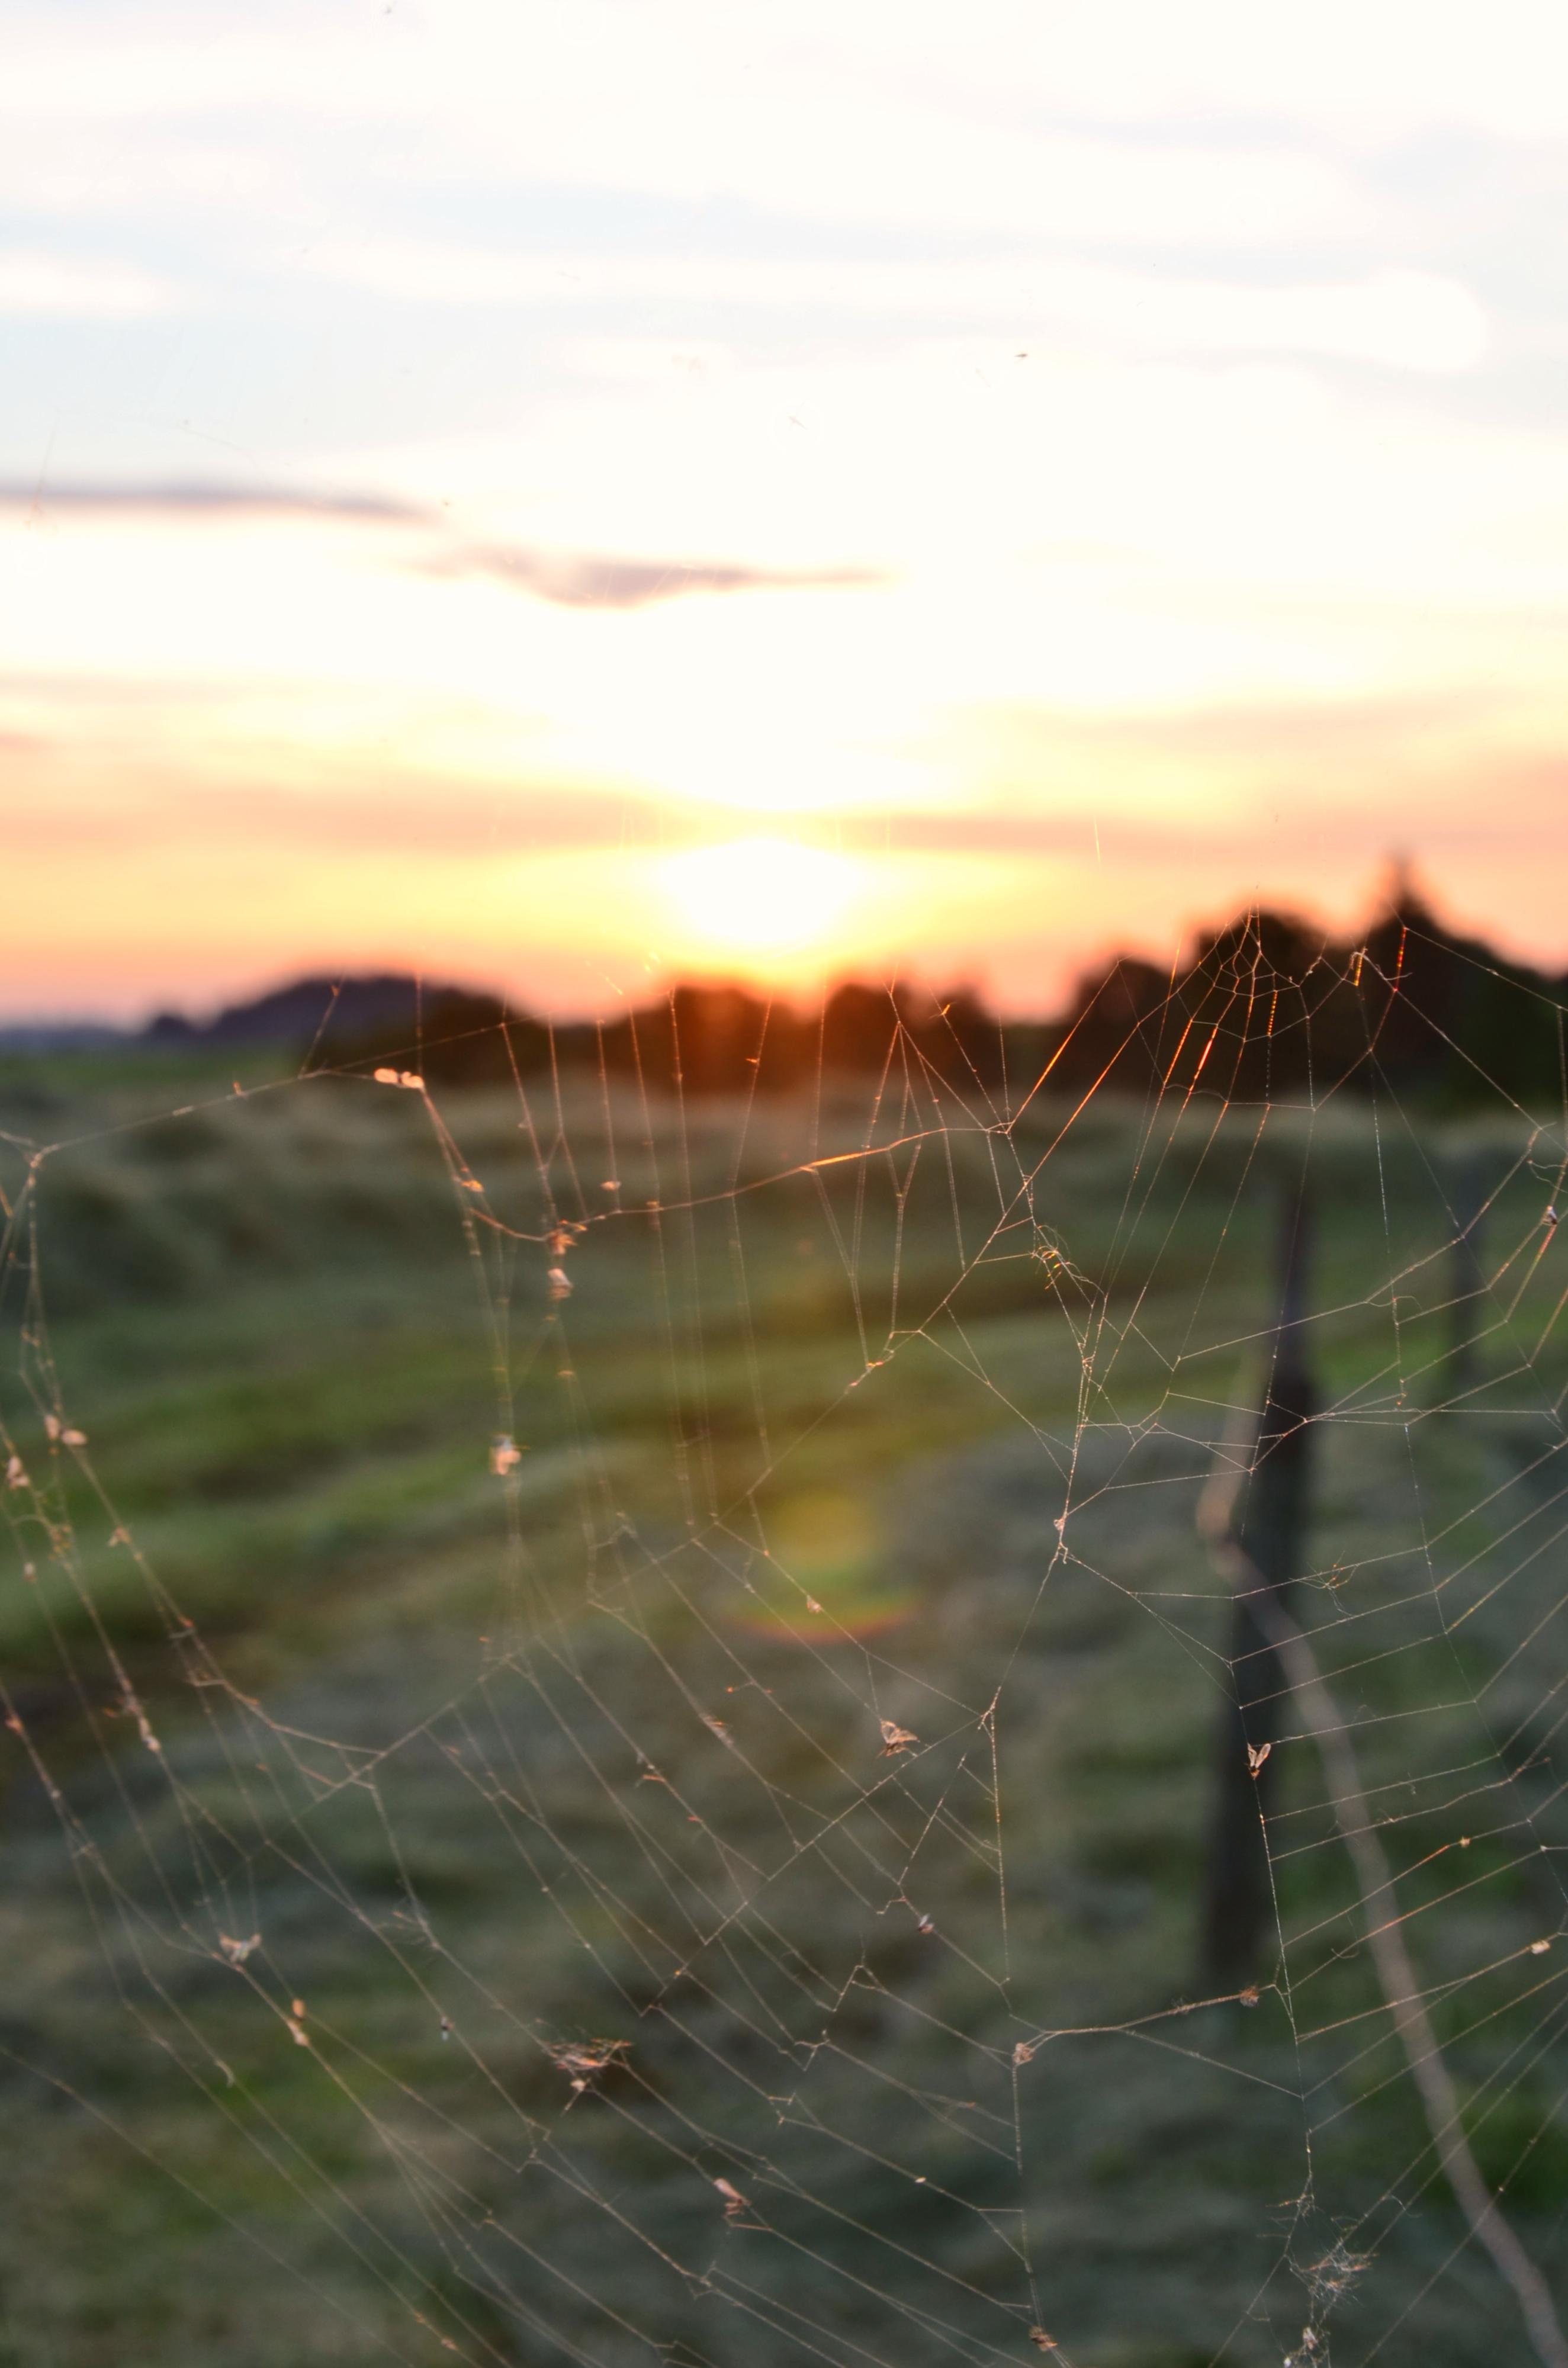 S0022 Abendsonne im Spinnennetz.jpg